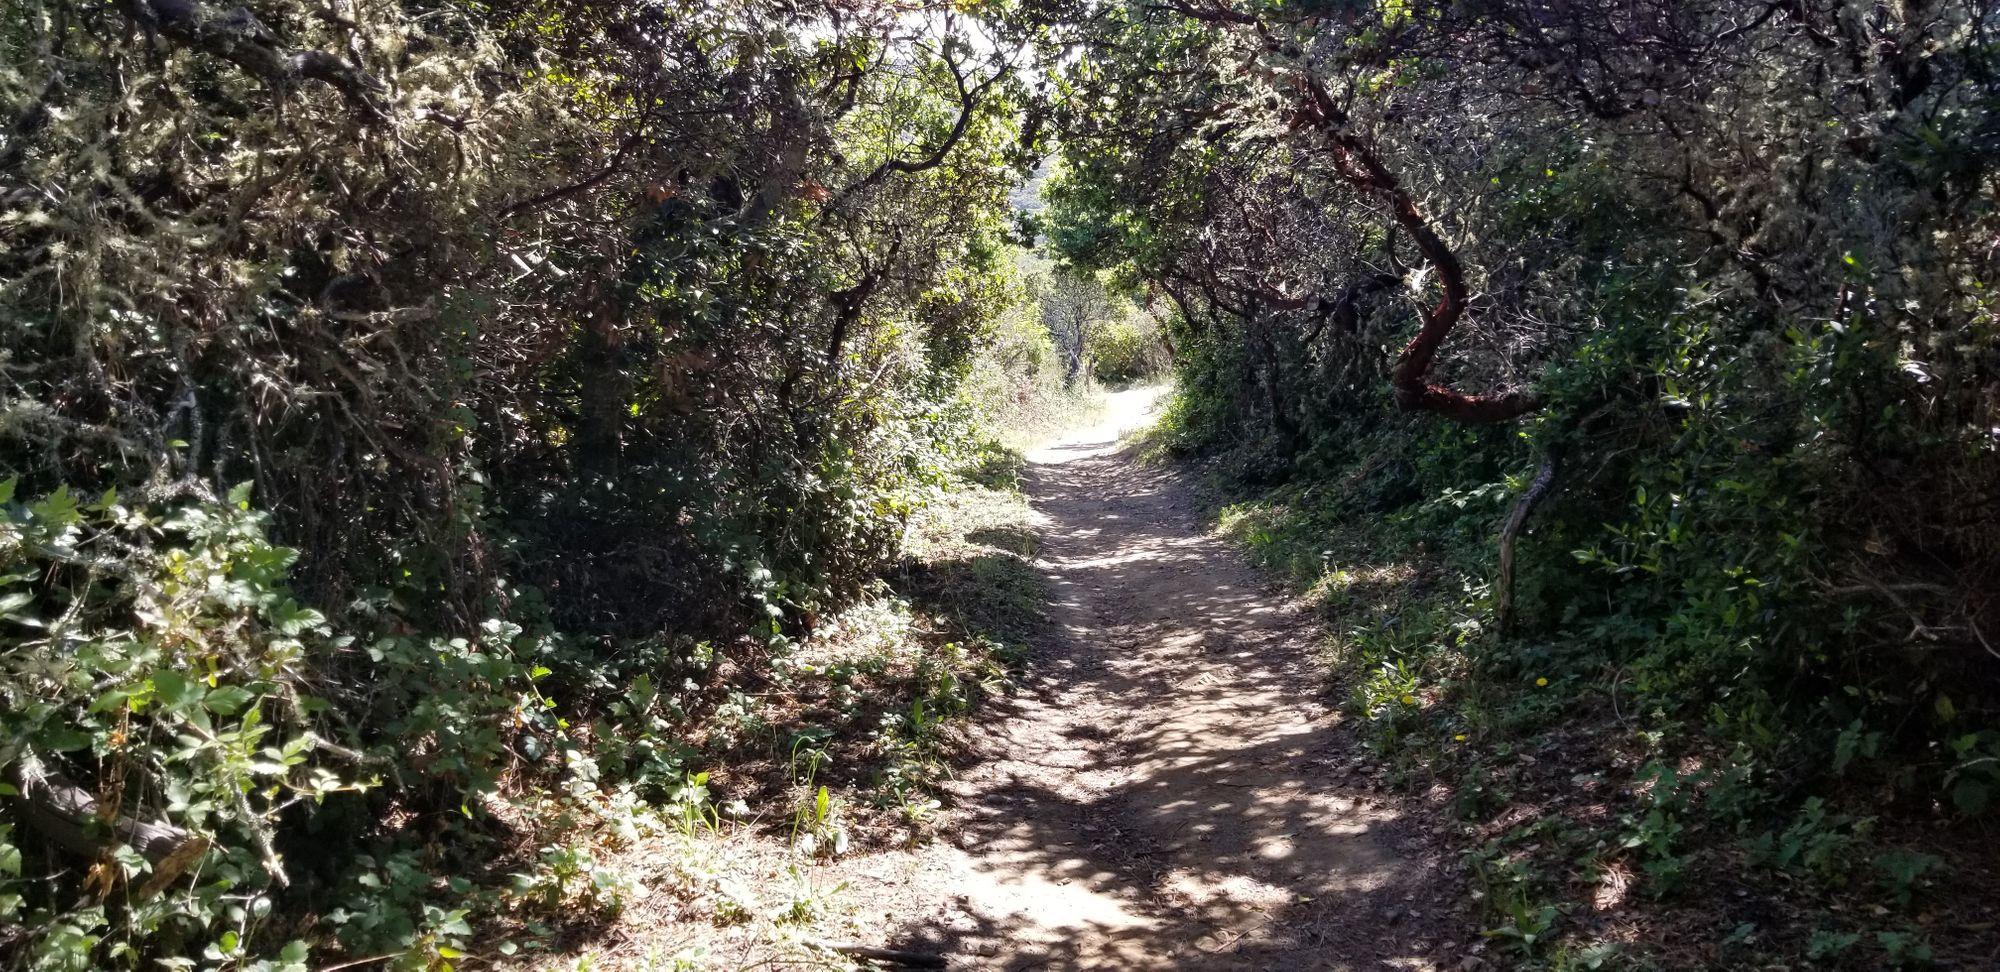 Taken on the Montara Mountain Trail